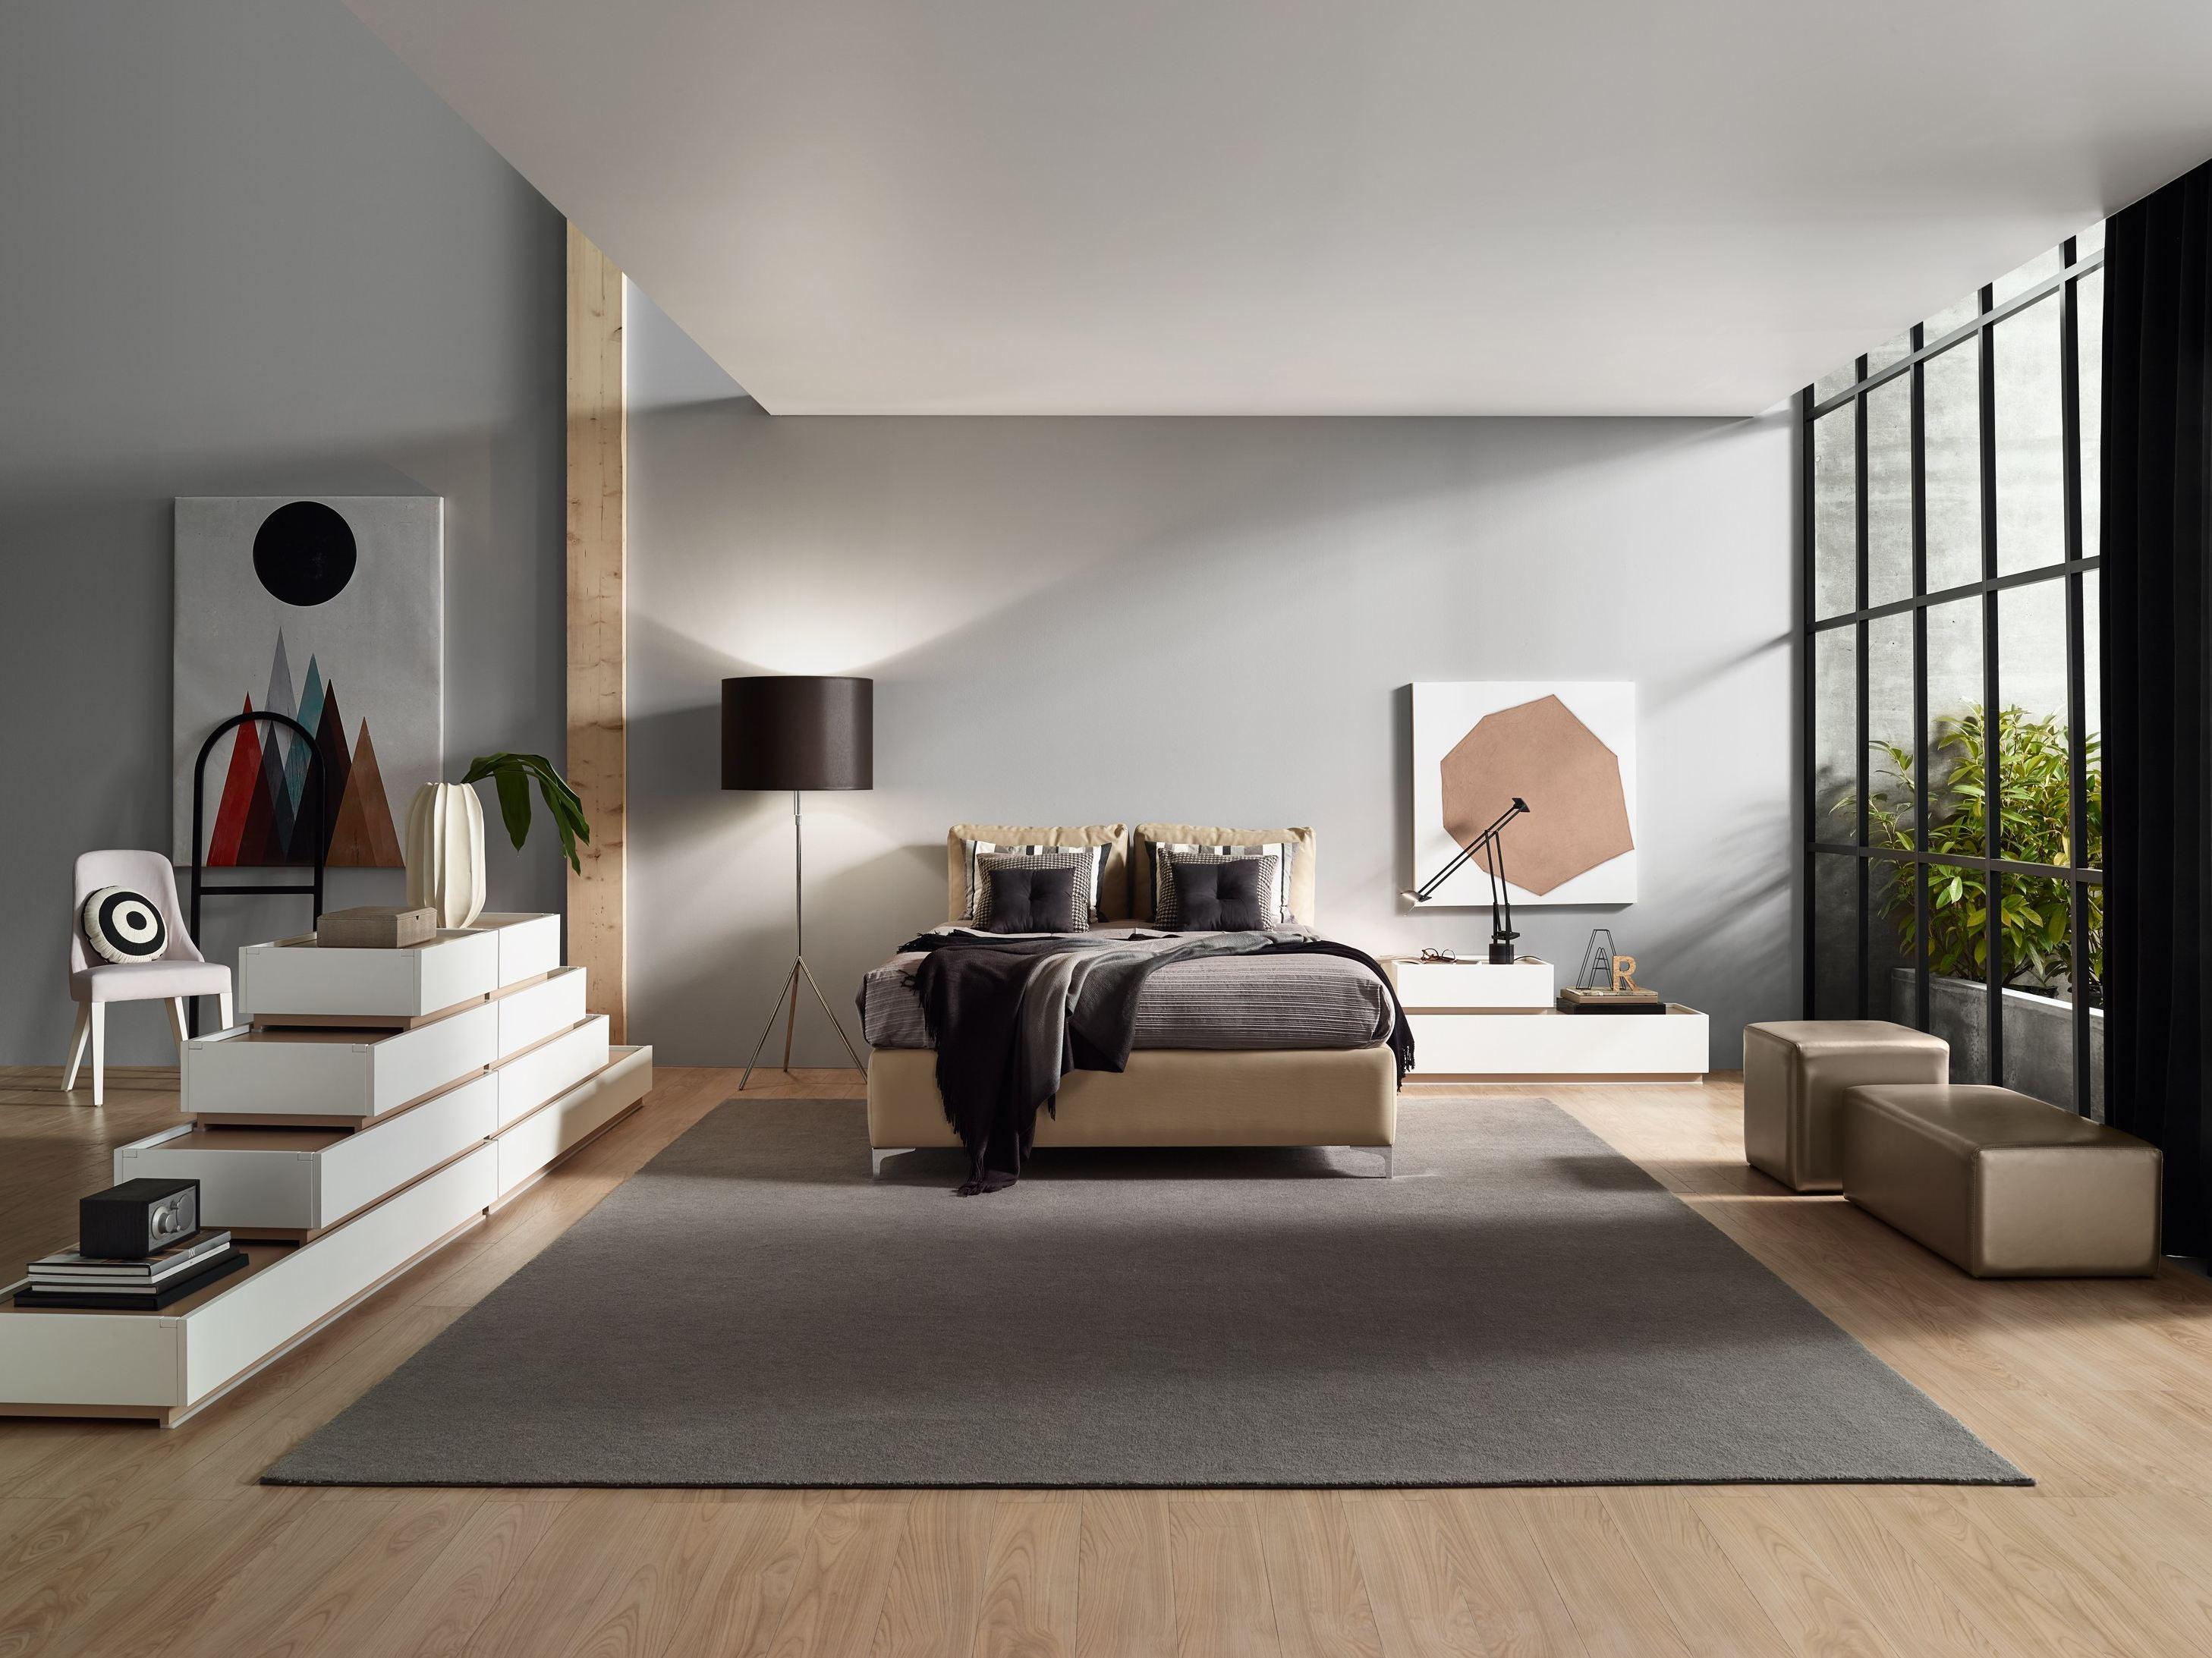 Arredare una camera da letto in stile moderno for Arredare una camera piccolissima